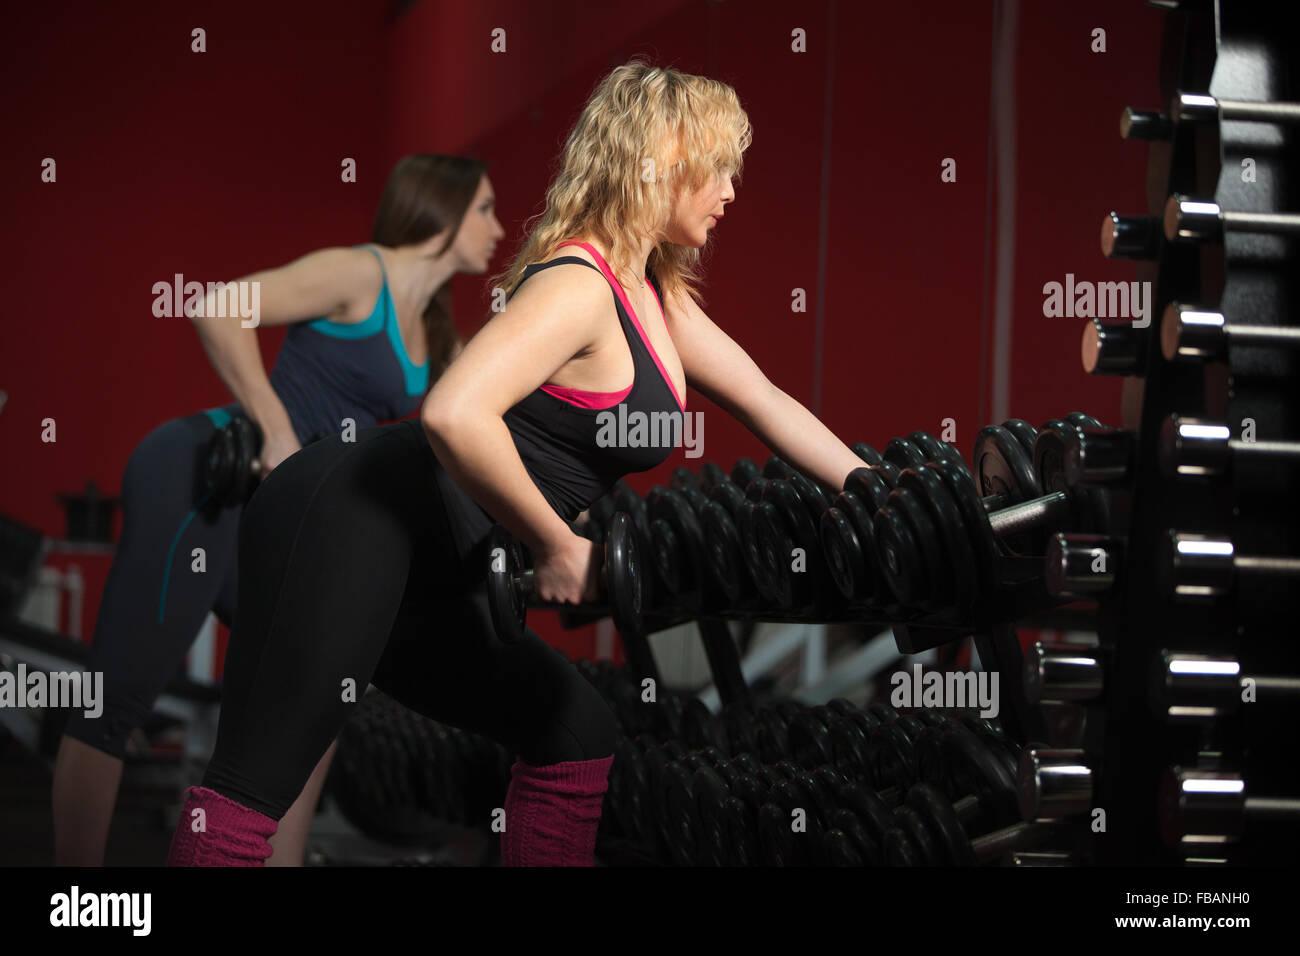 Las niñas en ropa deportiva Hacer culturismo ejercicios con pesas en el gimnasio Imagen De Stock